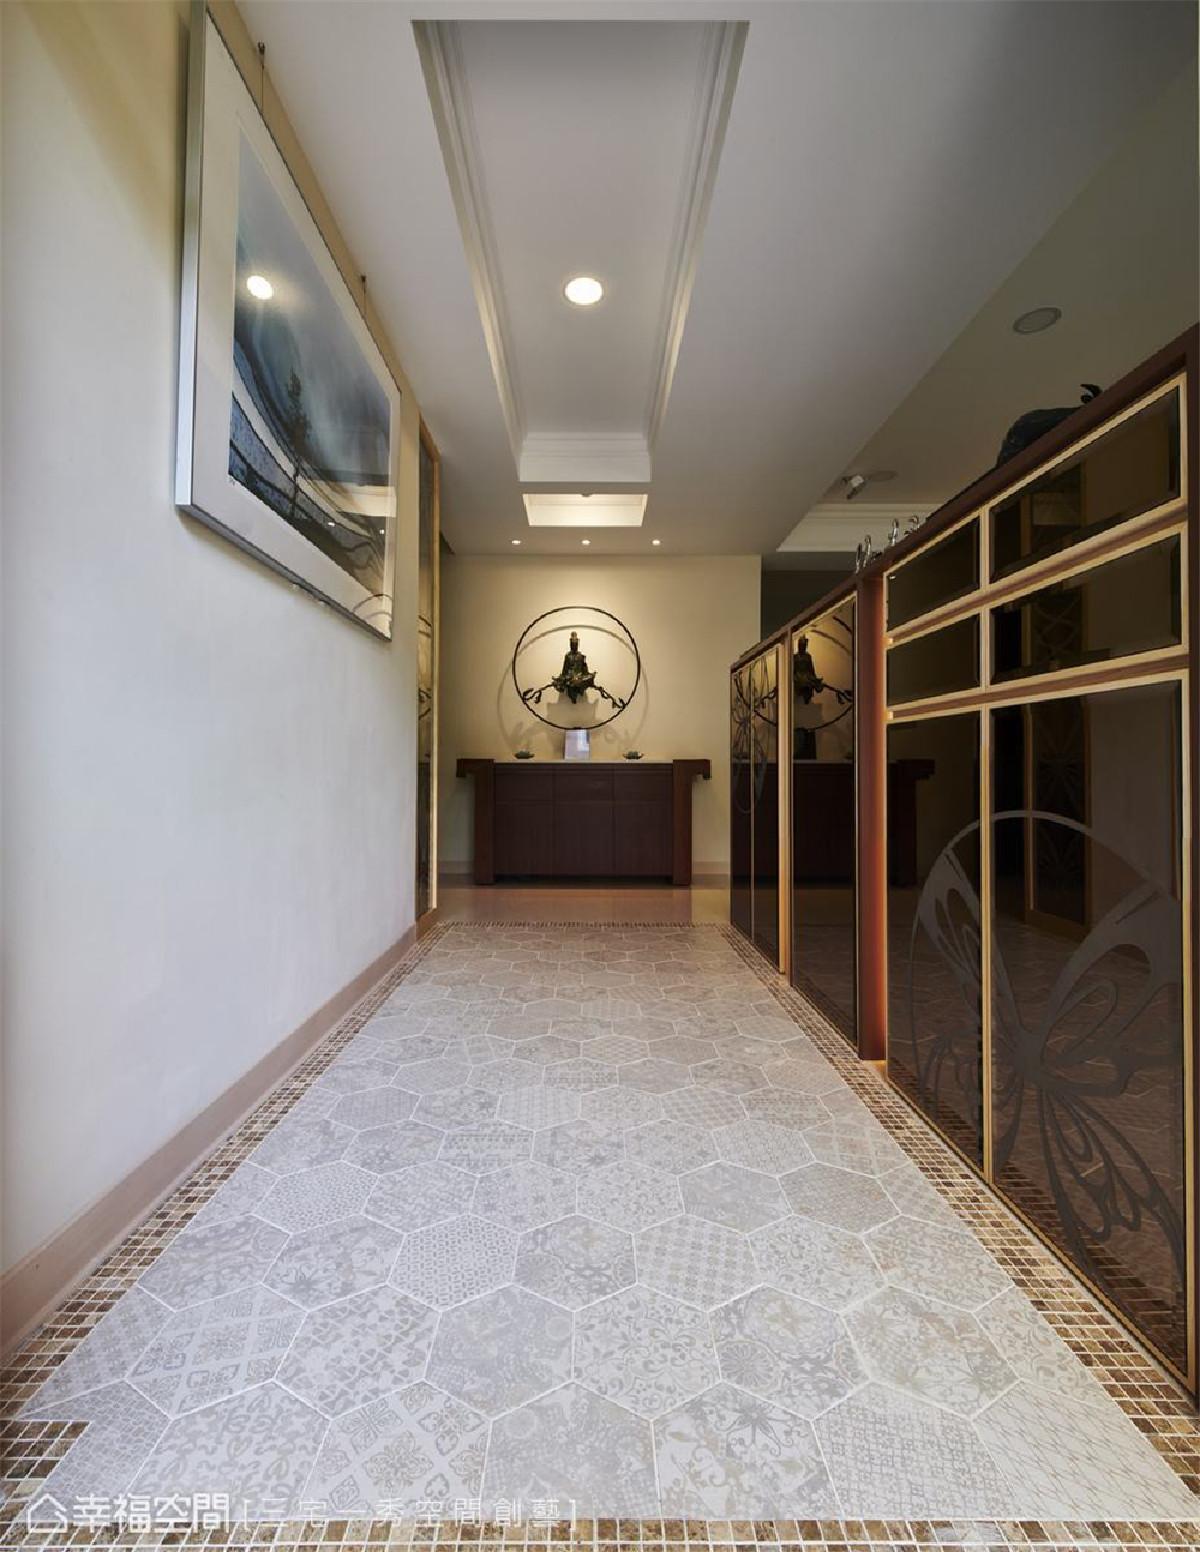 玄关 玄关地坪以六角花砖铺叙出温馨质感,并以此与廊道作出场域界定。端坐的观音像,呈现屋主对于艺术品味,更为空间增添温雅气韵。